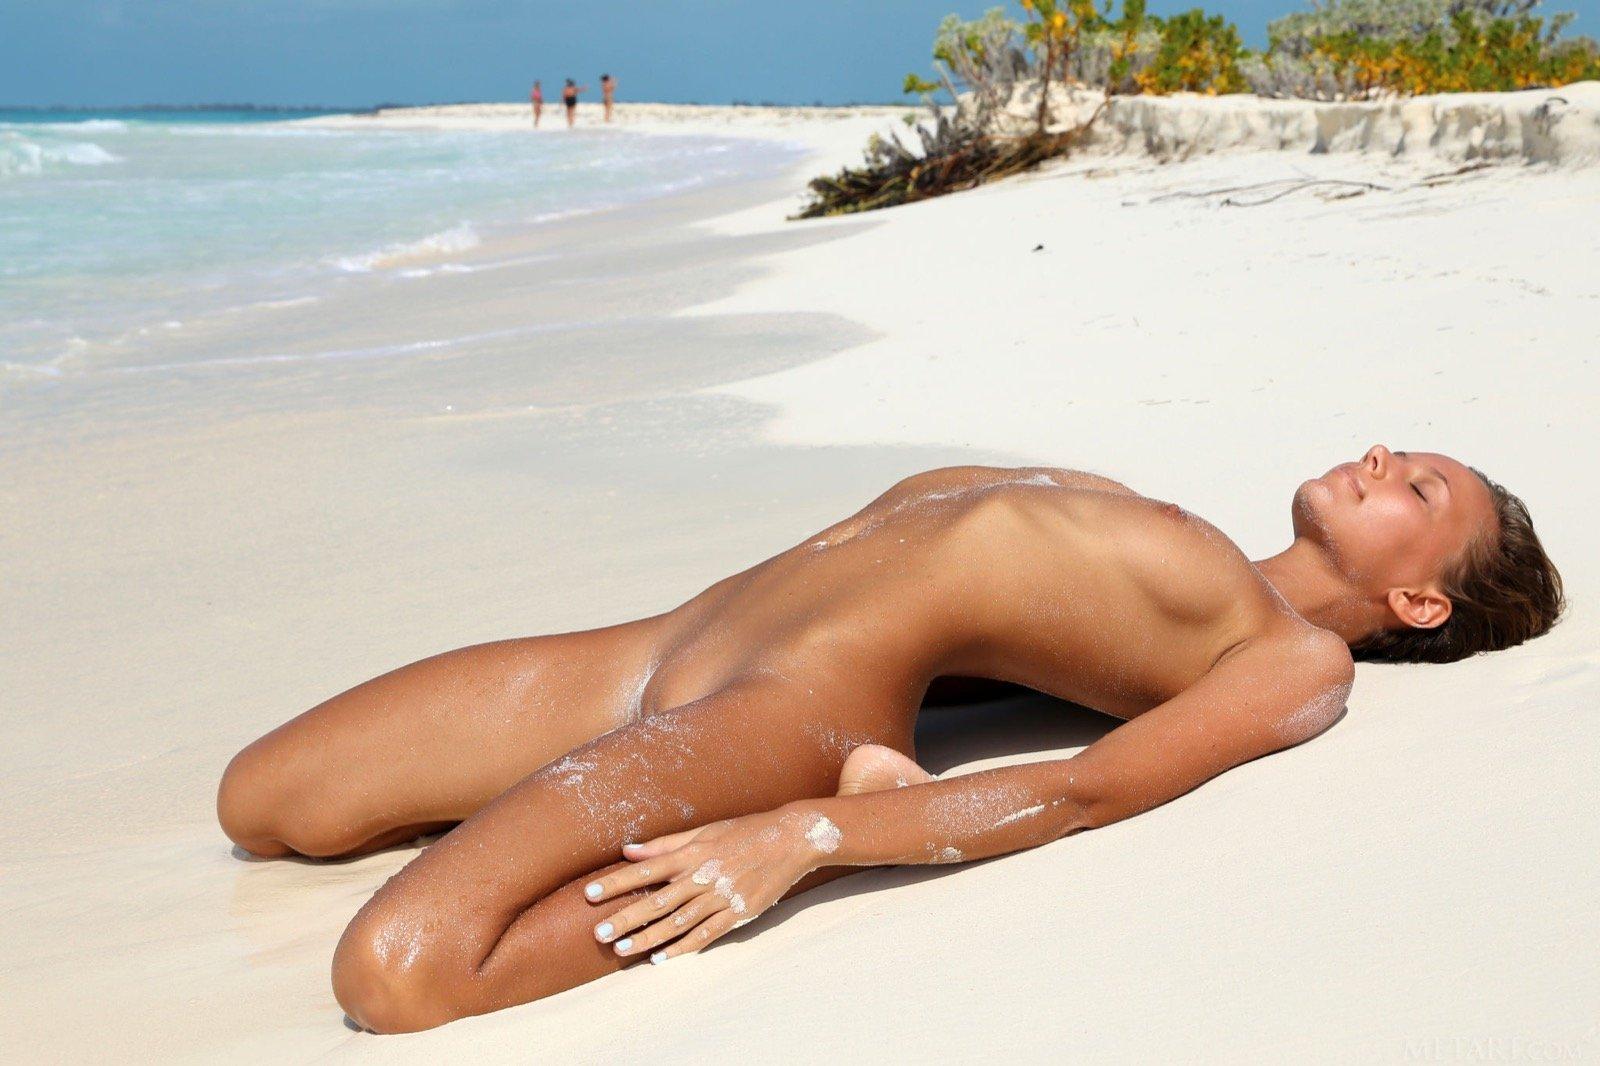 конечно же, русские голые девушки на пляже фото скучала одна решила